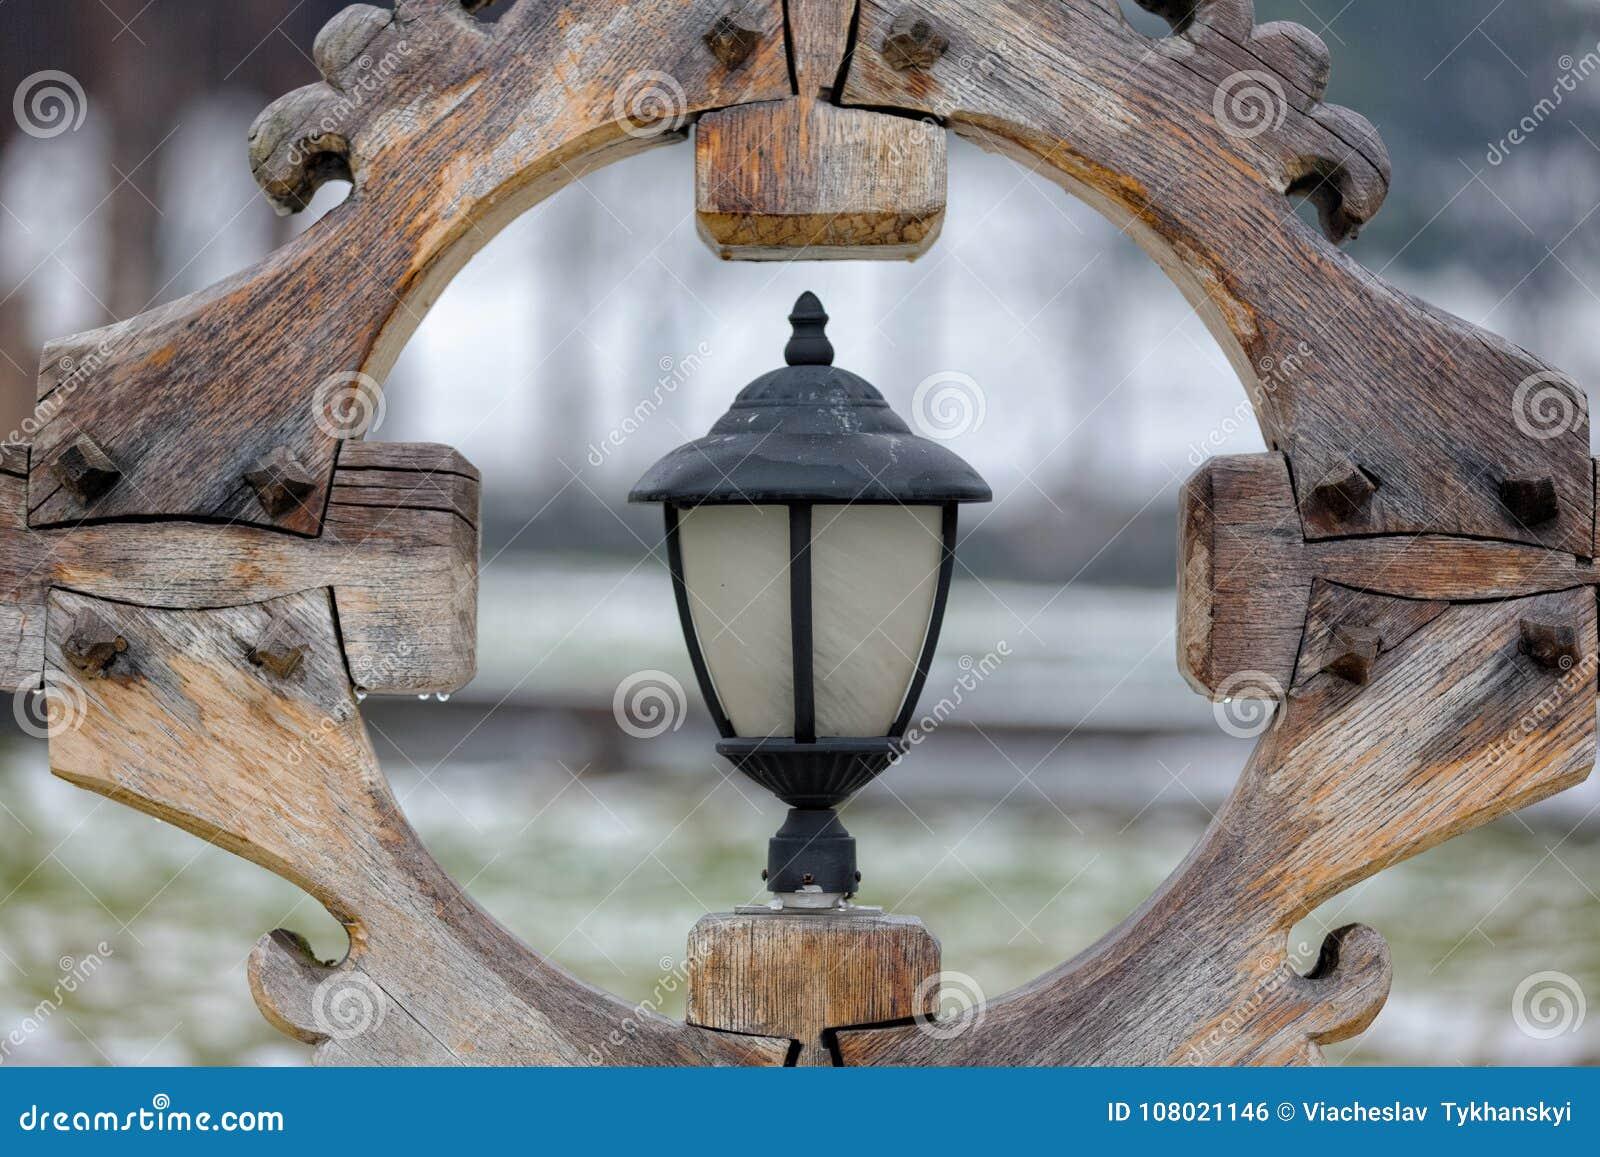 Lanterne de rue dans un cadre en bois